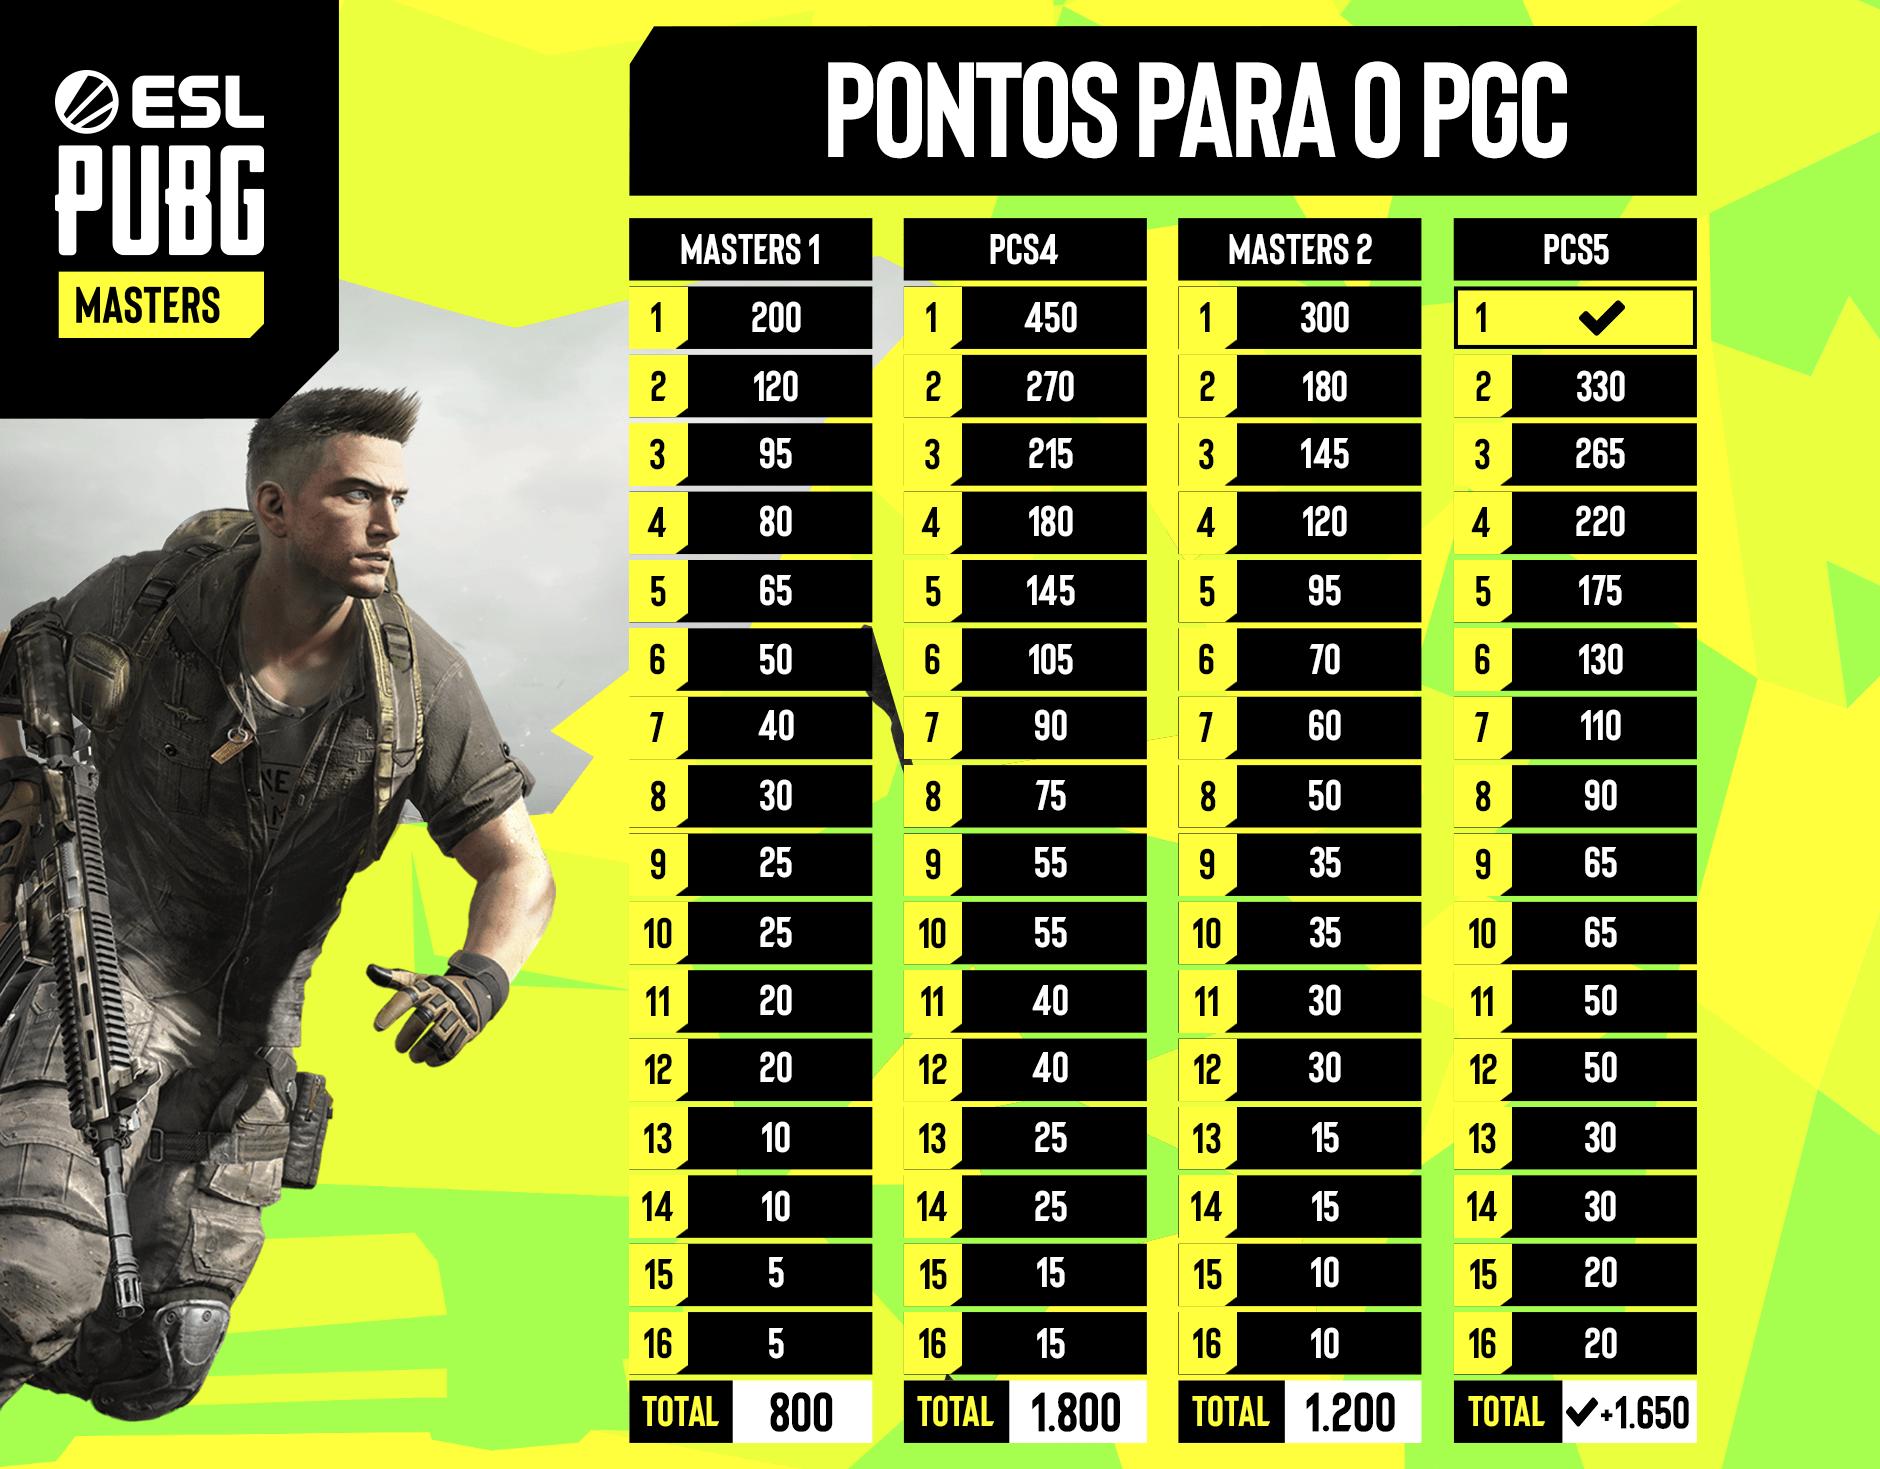 Tabela de pontos de classificação para o PUBG Global Championship a serem distribuídos na Grande Final da ESL PUBG Masters: Fase 2 das Américas